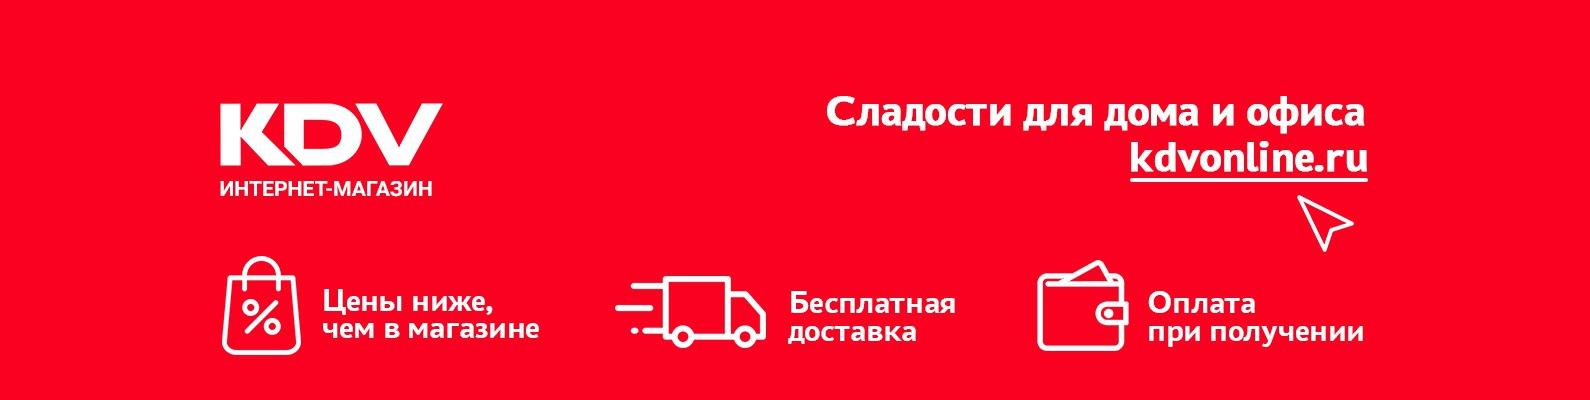 Kdv Интернет Магазин Нижний